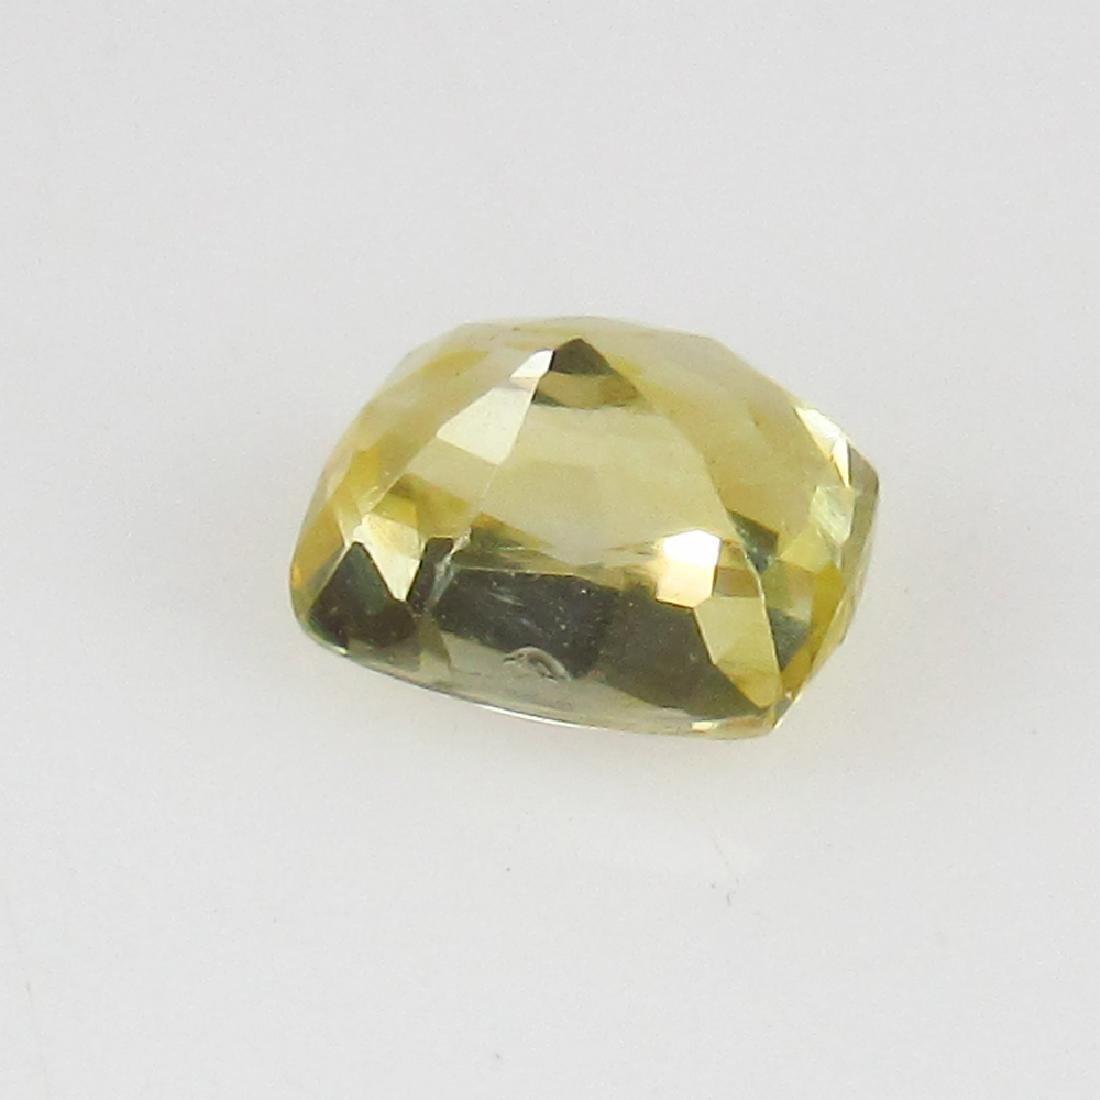 0.64 Ct Genuine IGI Certified Sri Lanka Yellow Sapphire - 5